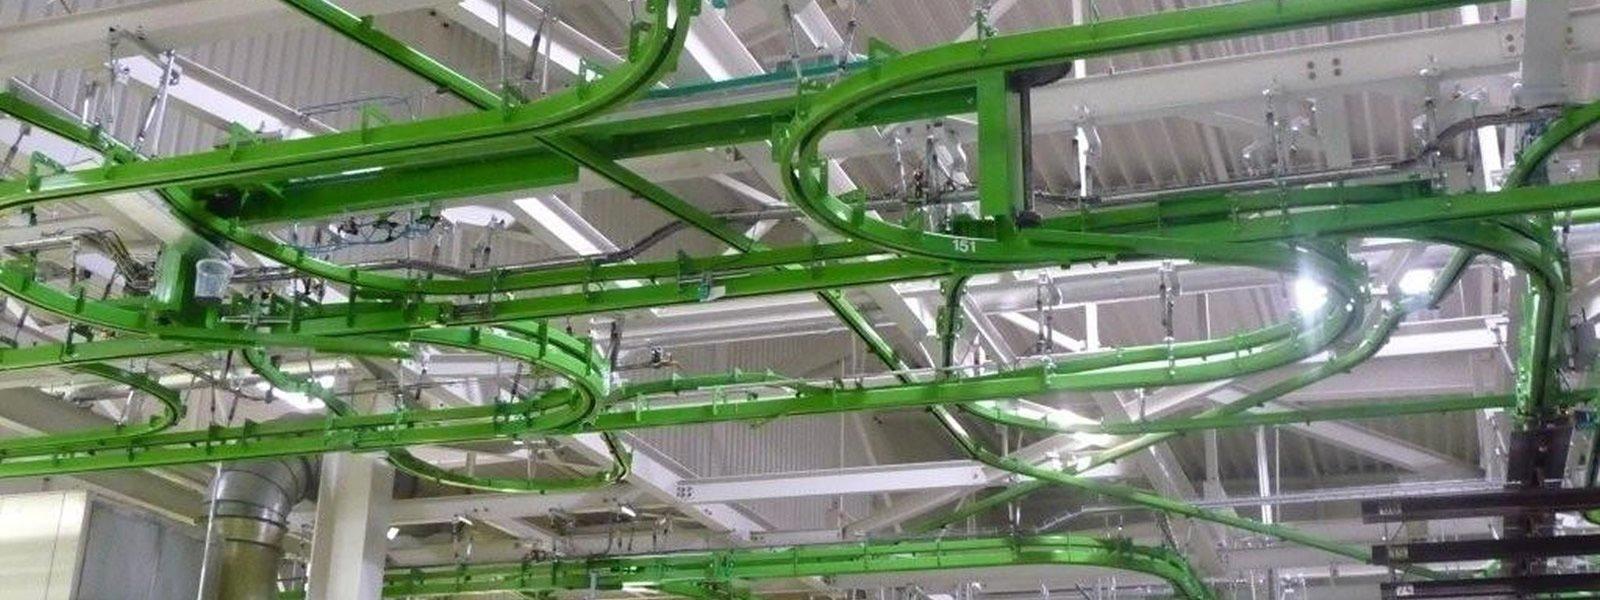 Circuit Power and Free ATS Group, Appalette Tourtellier Systèmes, ATS Conveyors India, HERO Fördertechnik dans un atelier de peinture LOV en Allemagne à Limbach